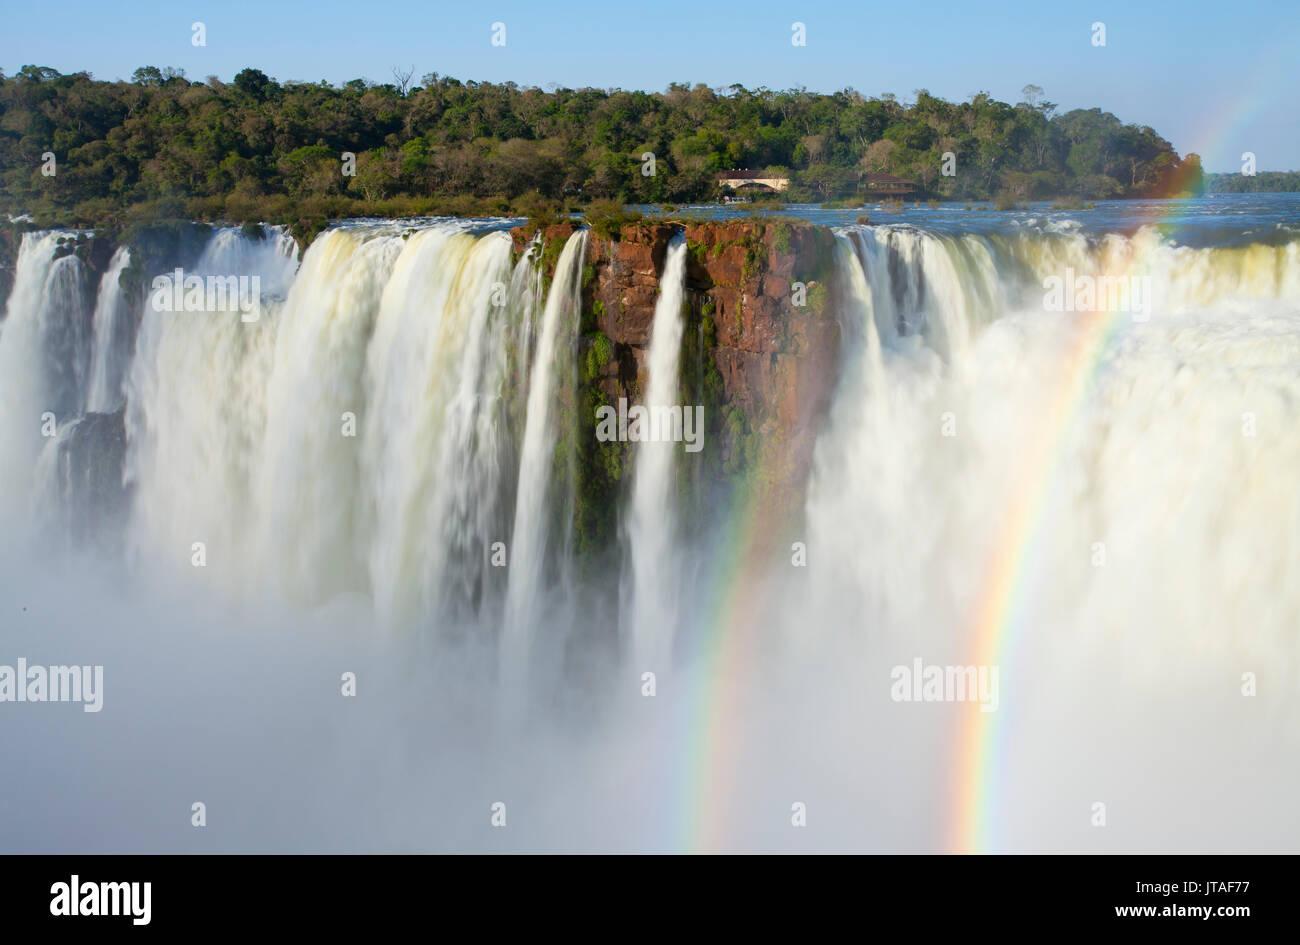 Iguazu Falls, Devil's Throat, Argentina - Stock Image